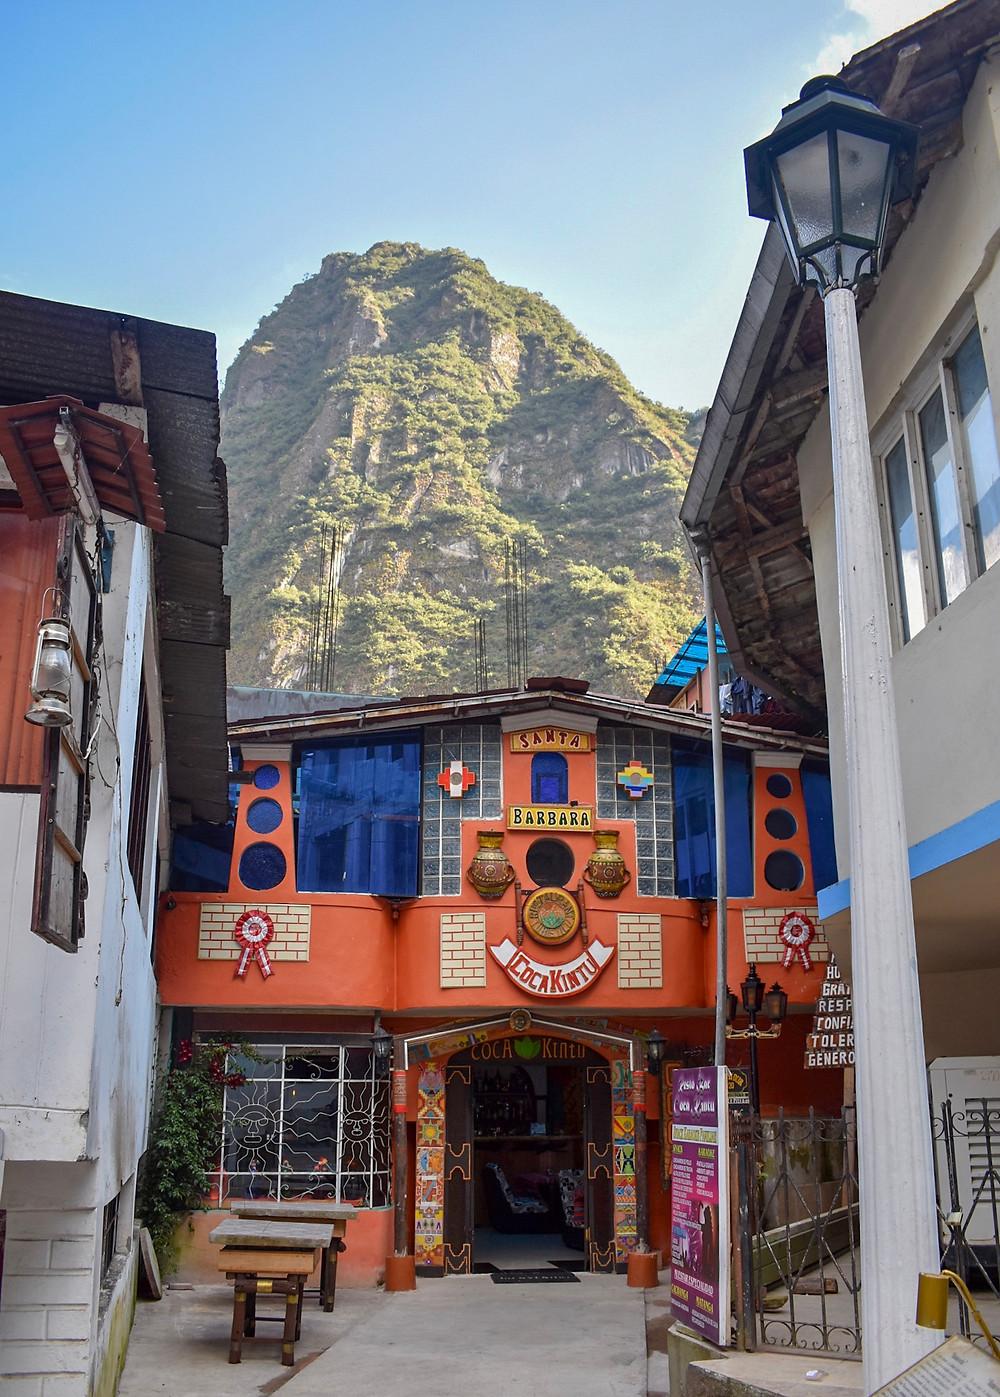 Restaurant in Aguas Calientes Peru